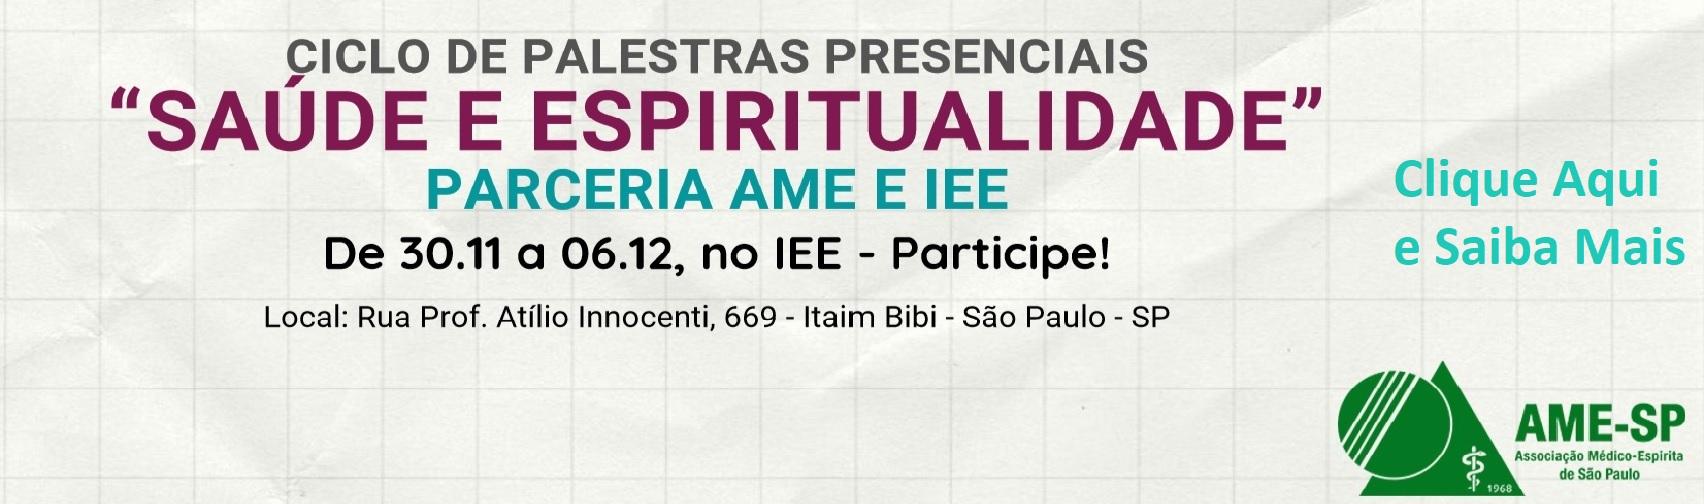 Banner_IEE_Saude&Espiritualidade_Rev3